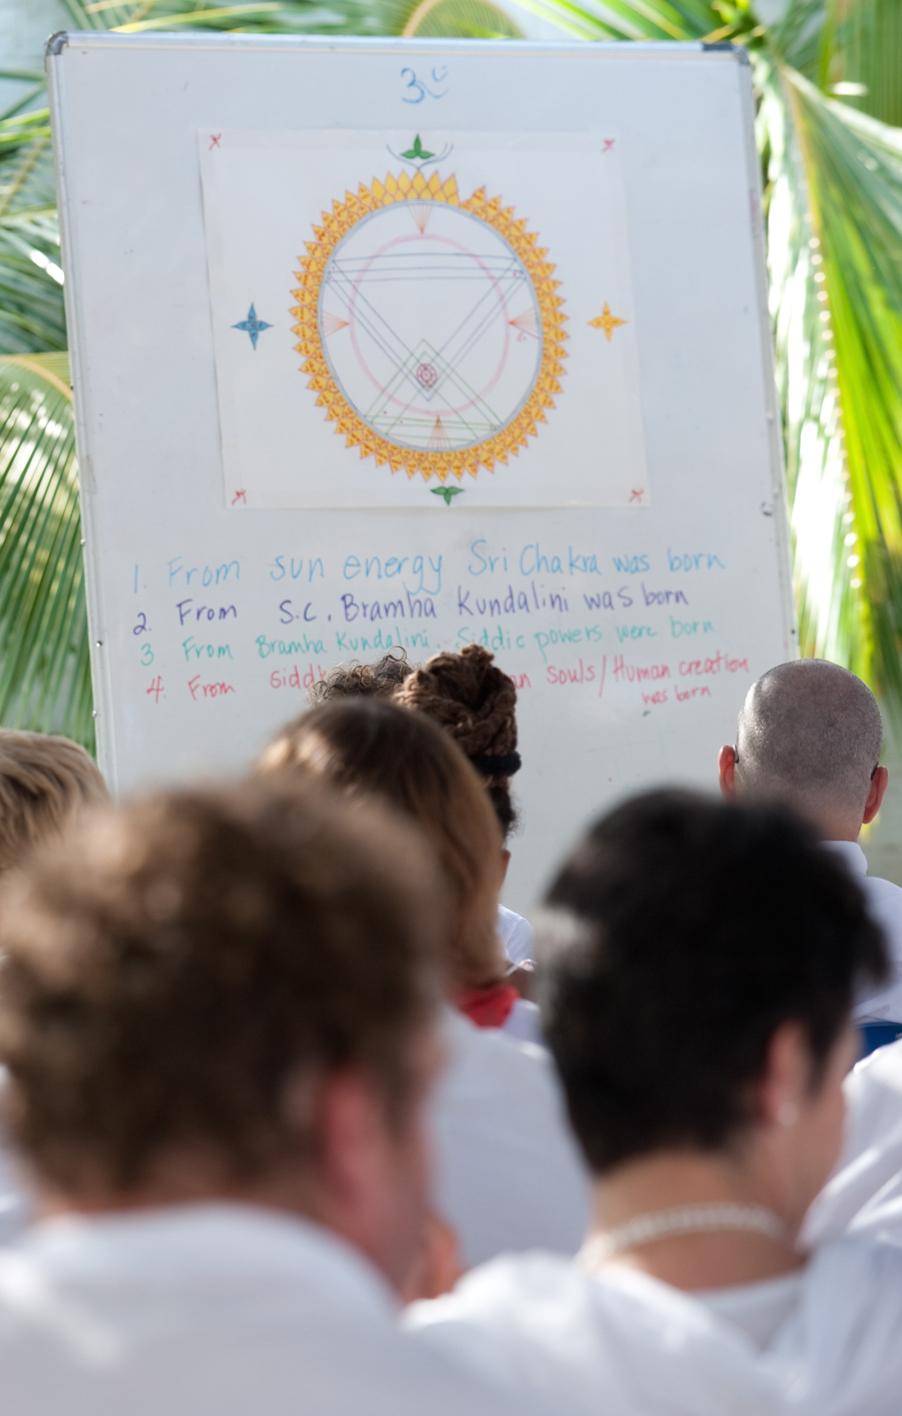 Výuka janry Šrí čakry na Univerzitě duše v Penukondě, Indie